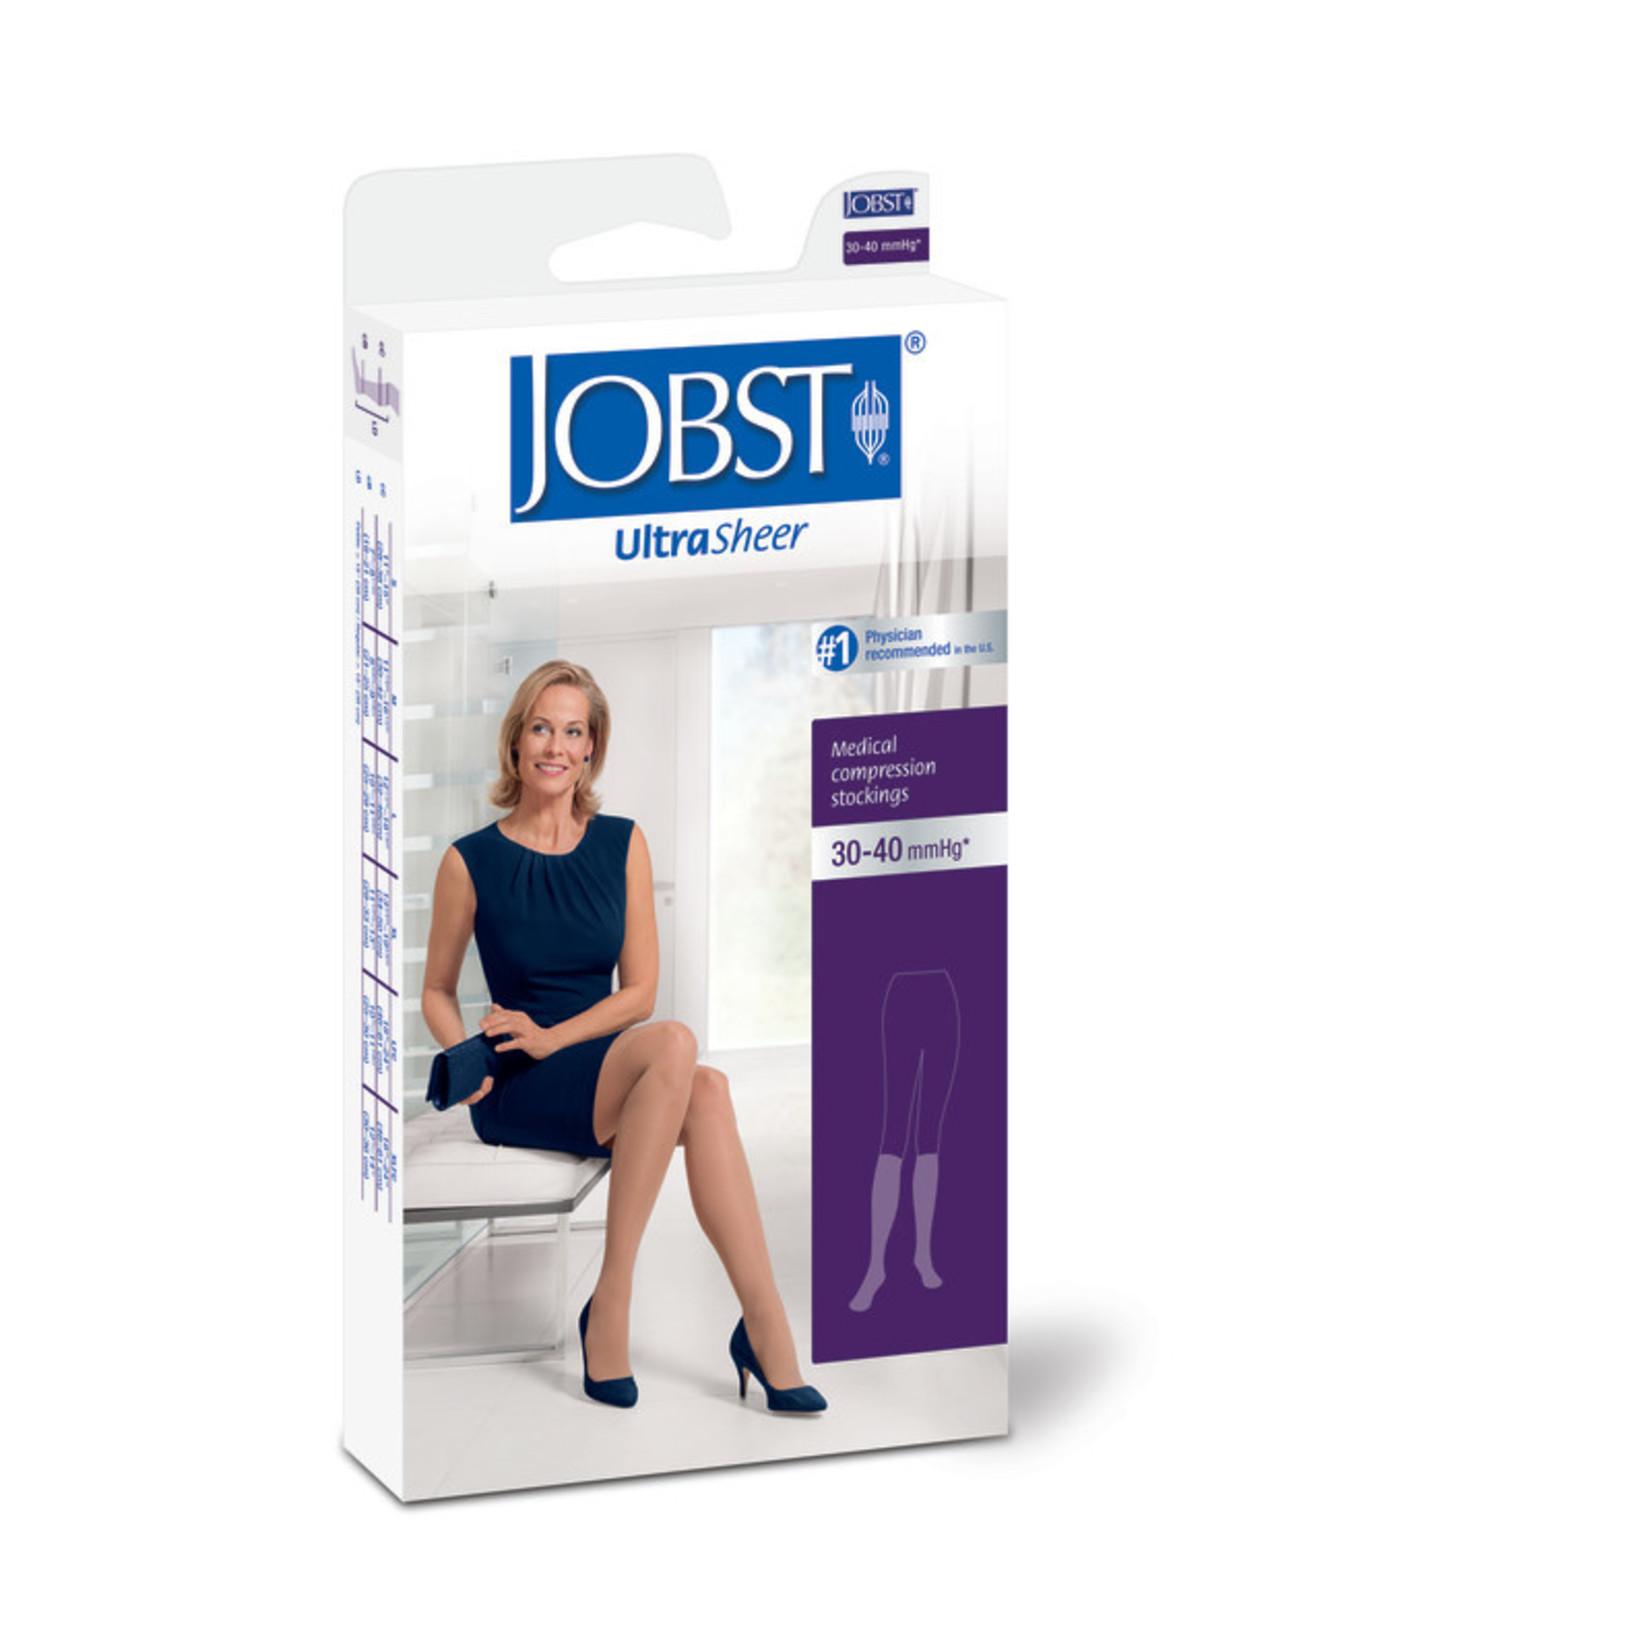 JOBST JOBST ULTRASHEER KNEE CLOSED TOE 30-40 mmHg